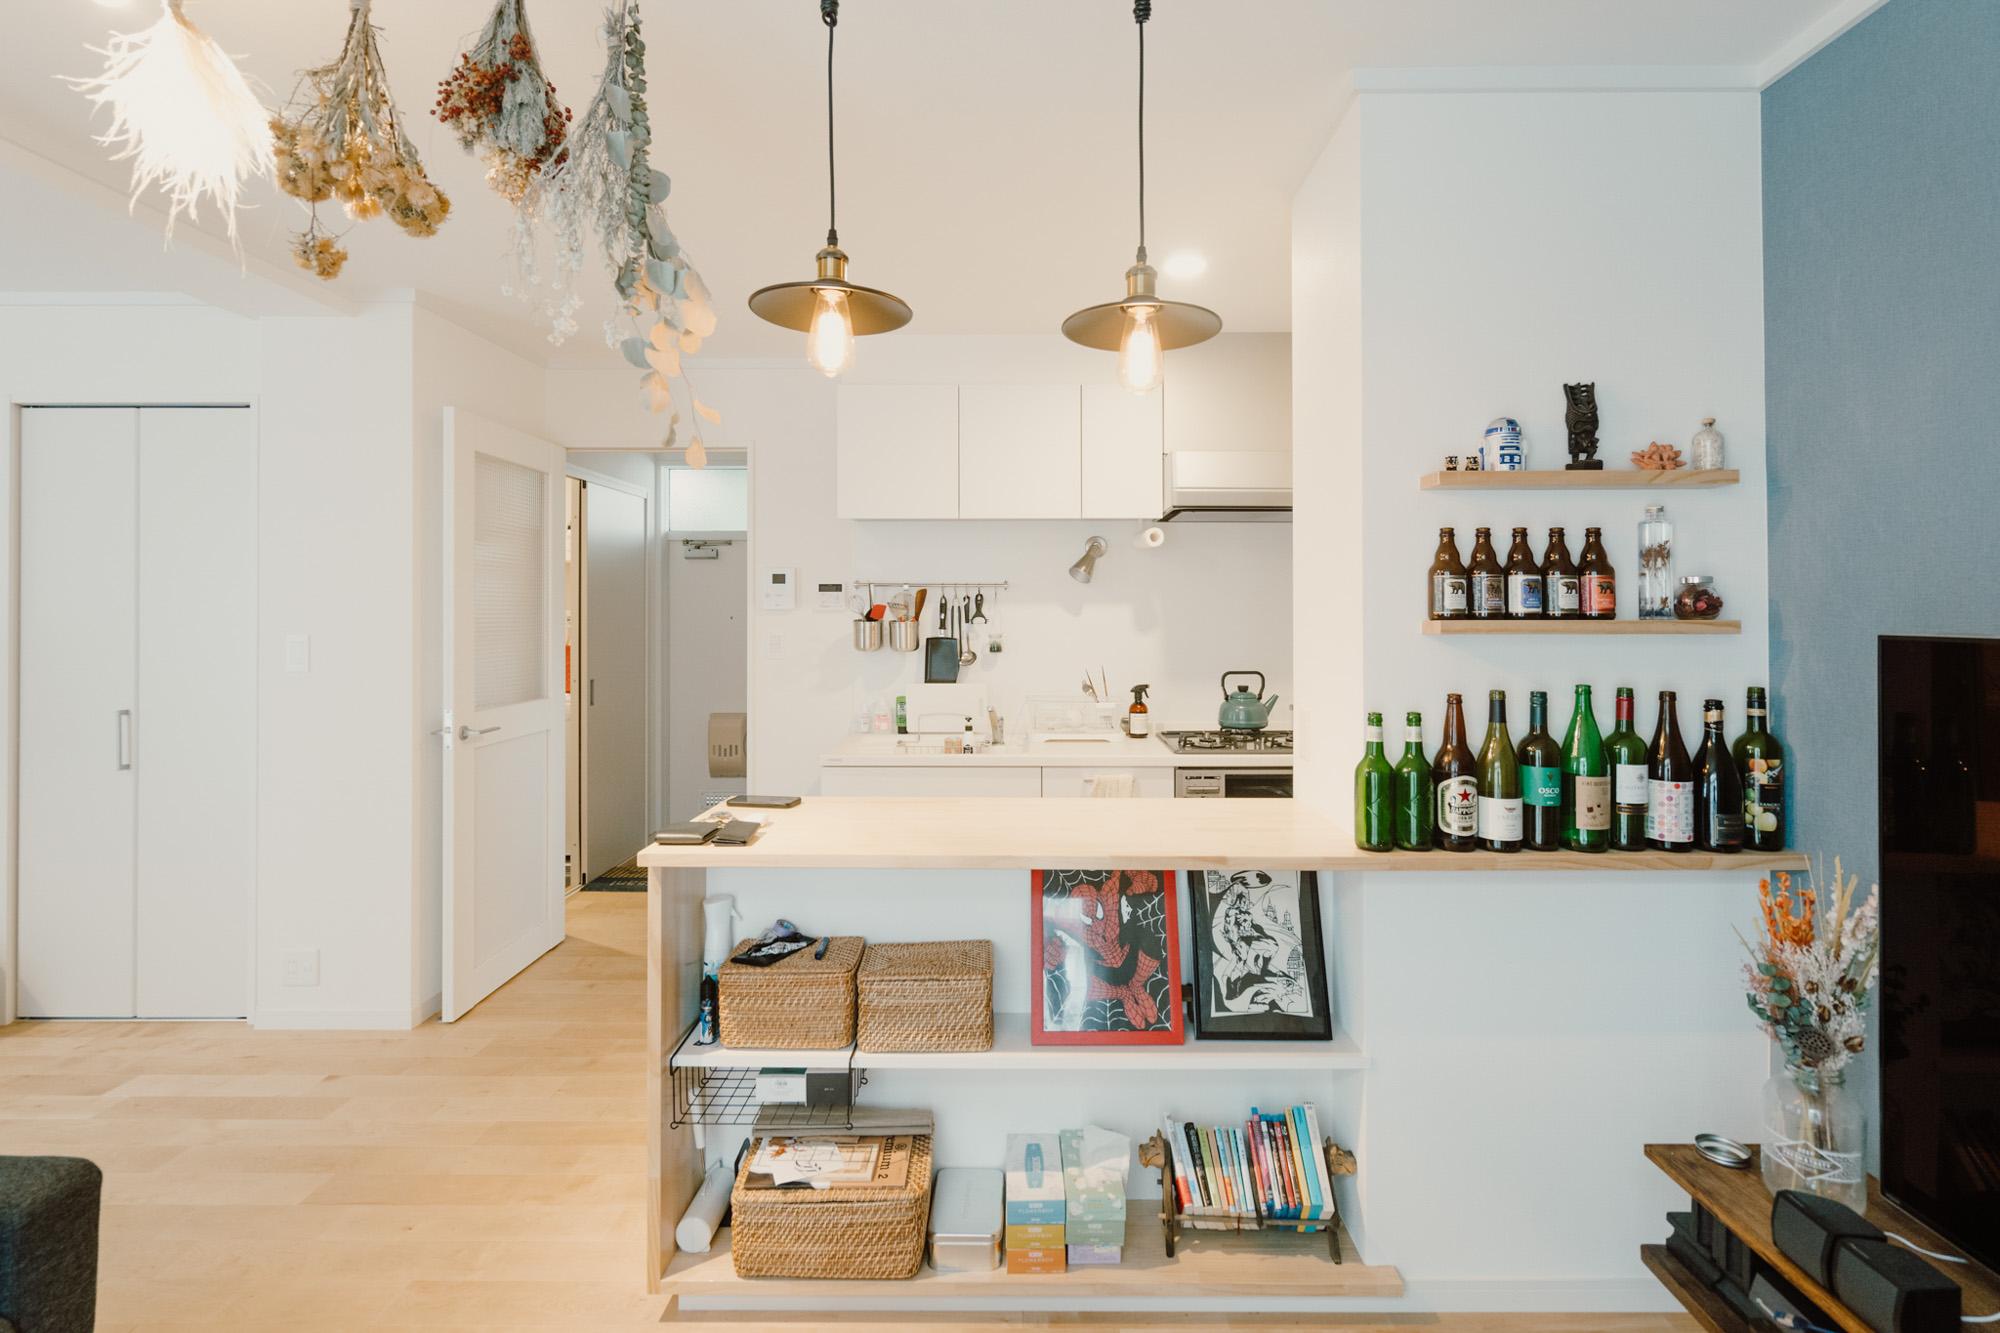 キッチンの前にはカウンタースペースがあり、好きなお酒の瓶をバーのように並べて飾ります。